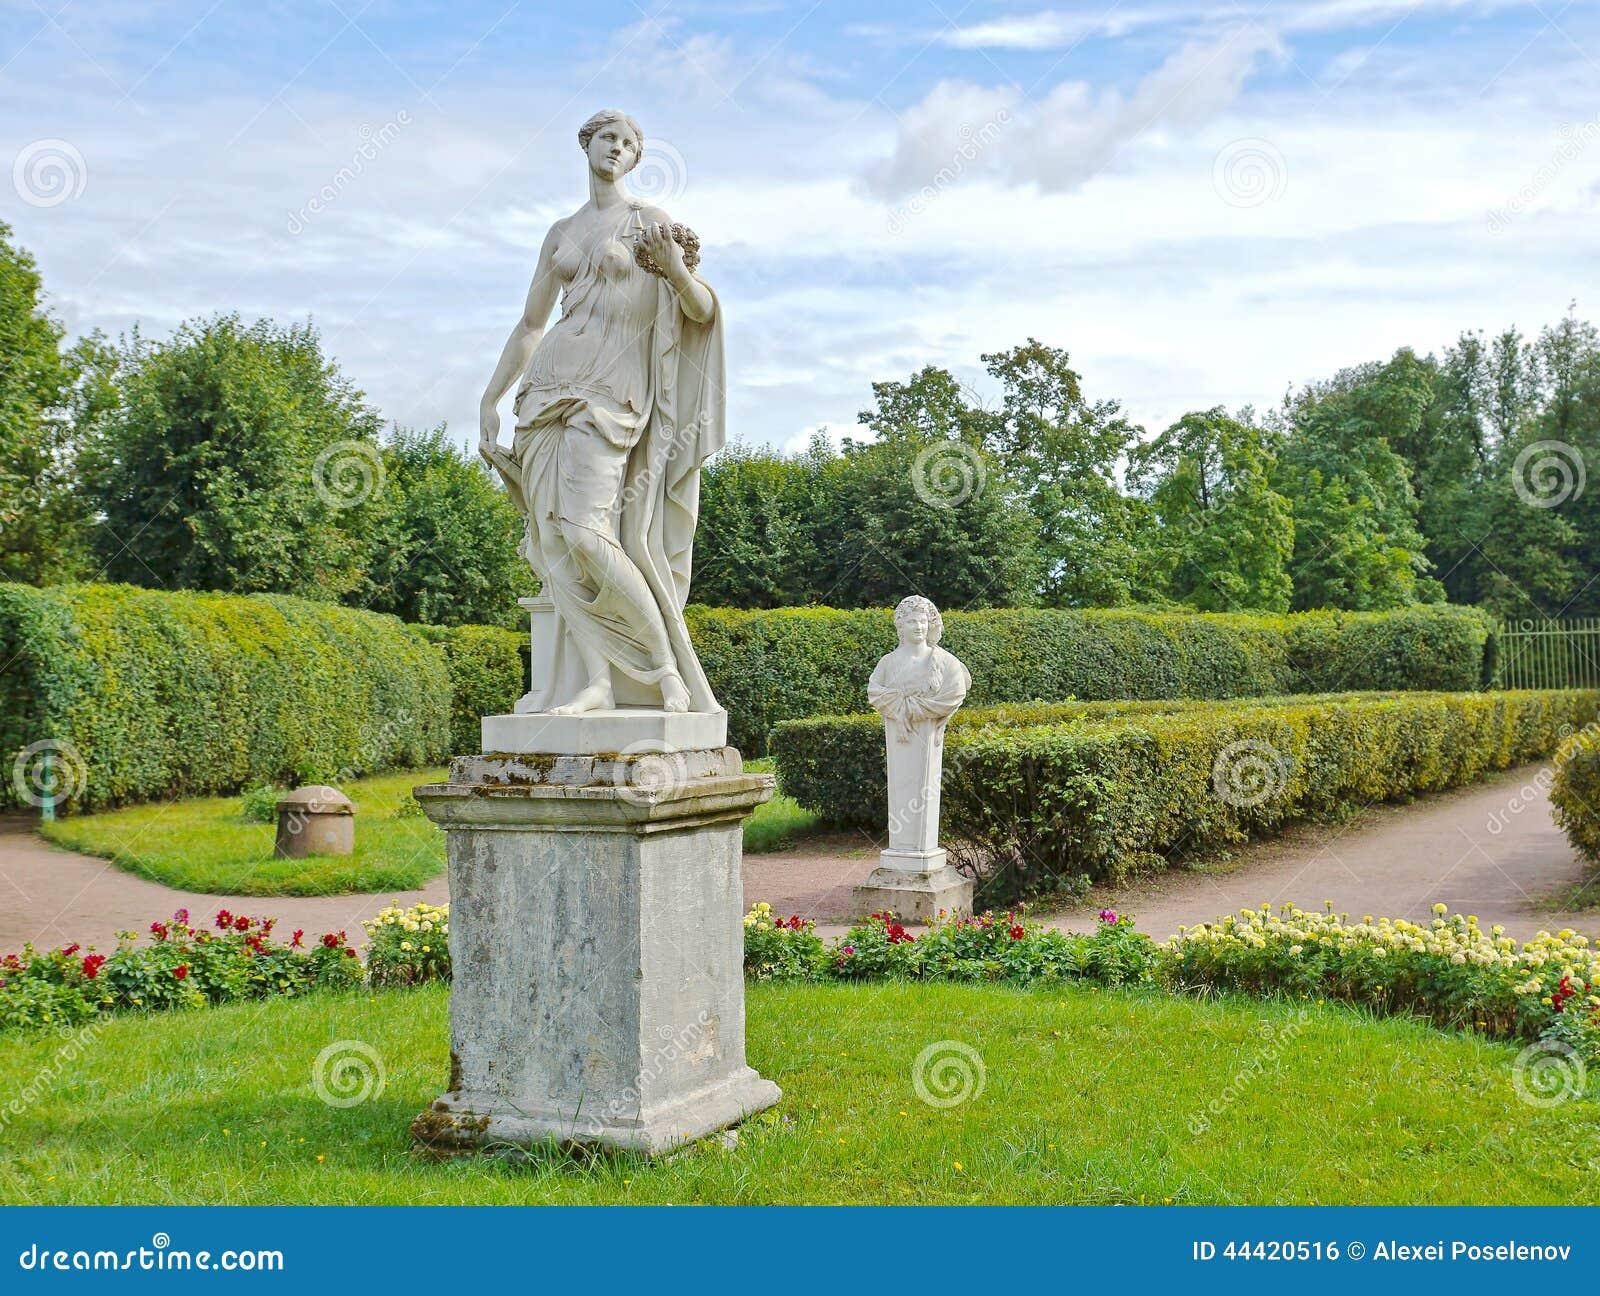 Estatuas antiguas en el jard n de flores foto de archivo imagen 44420516 - Estatuas de jardin ...